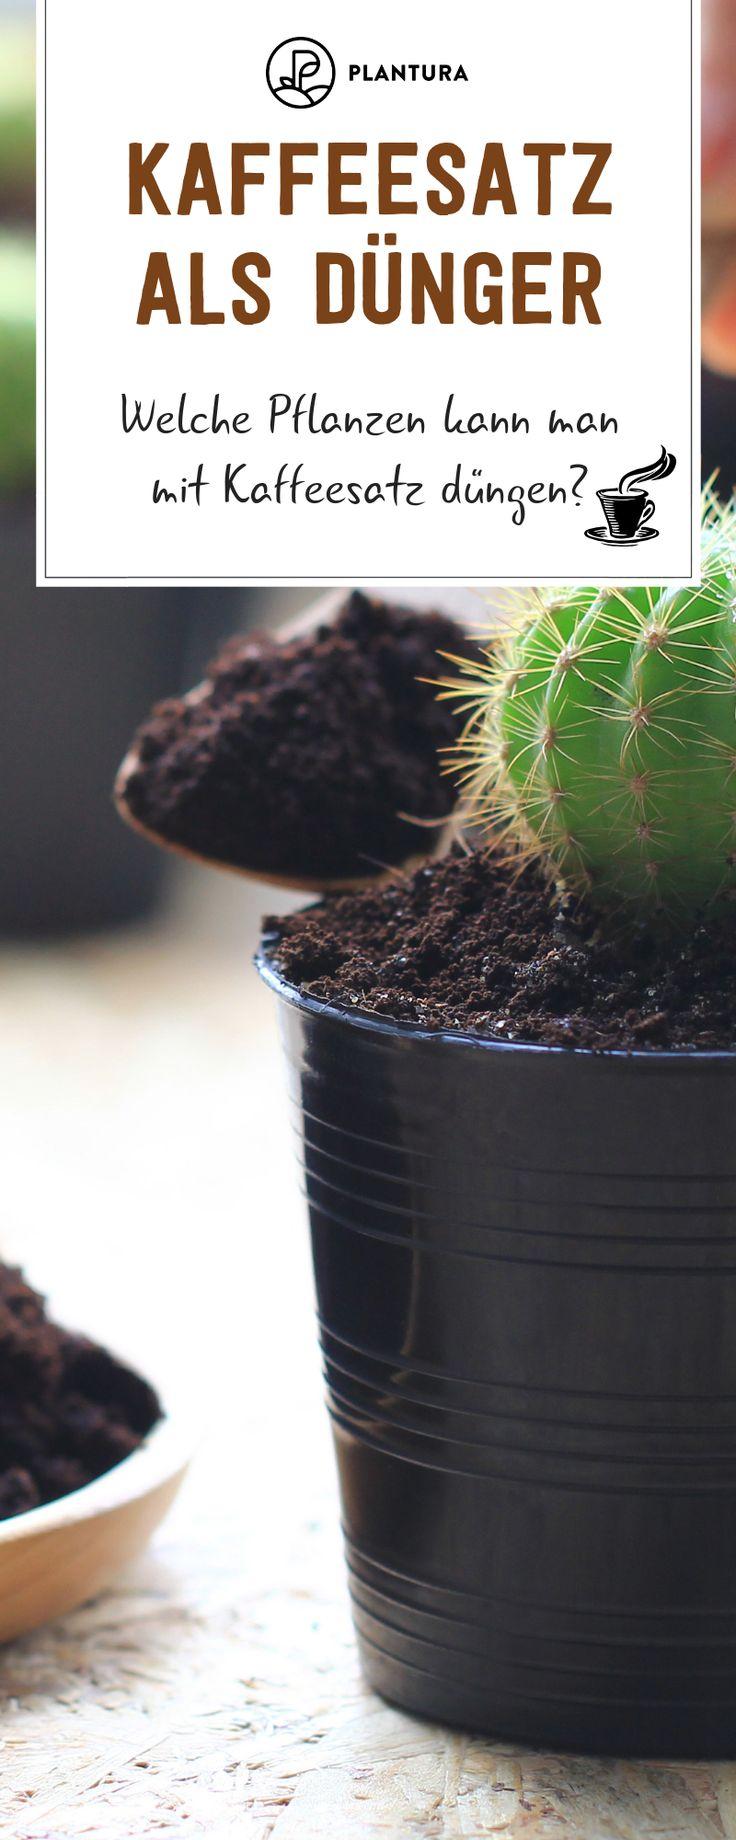 Kaffeesatz als Dünger: Welche Pflanzen kann man mit Kaffeesatz düngen? Kaffees…